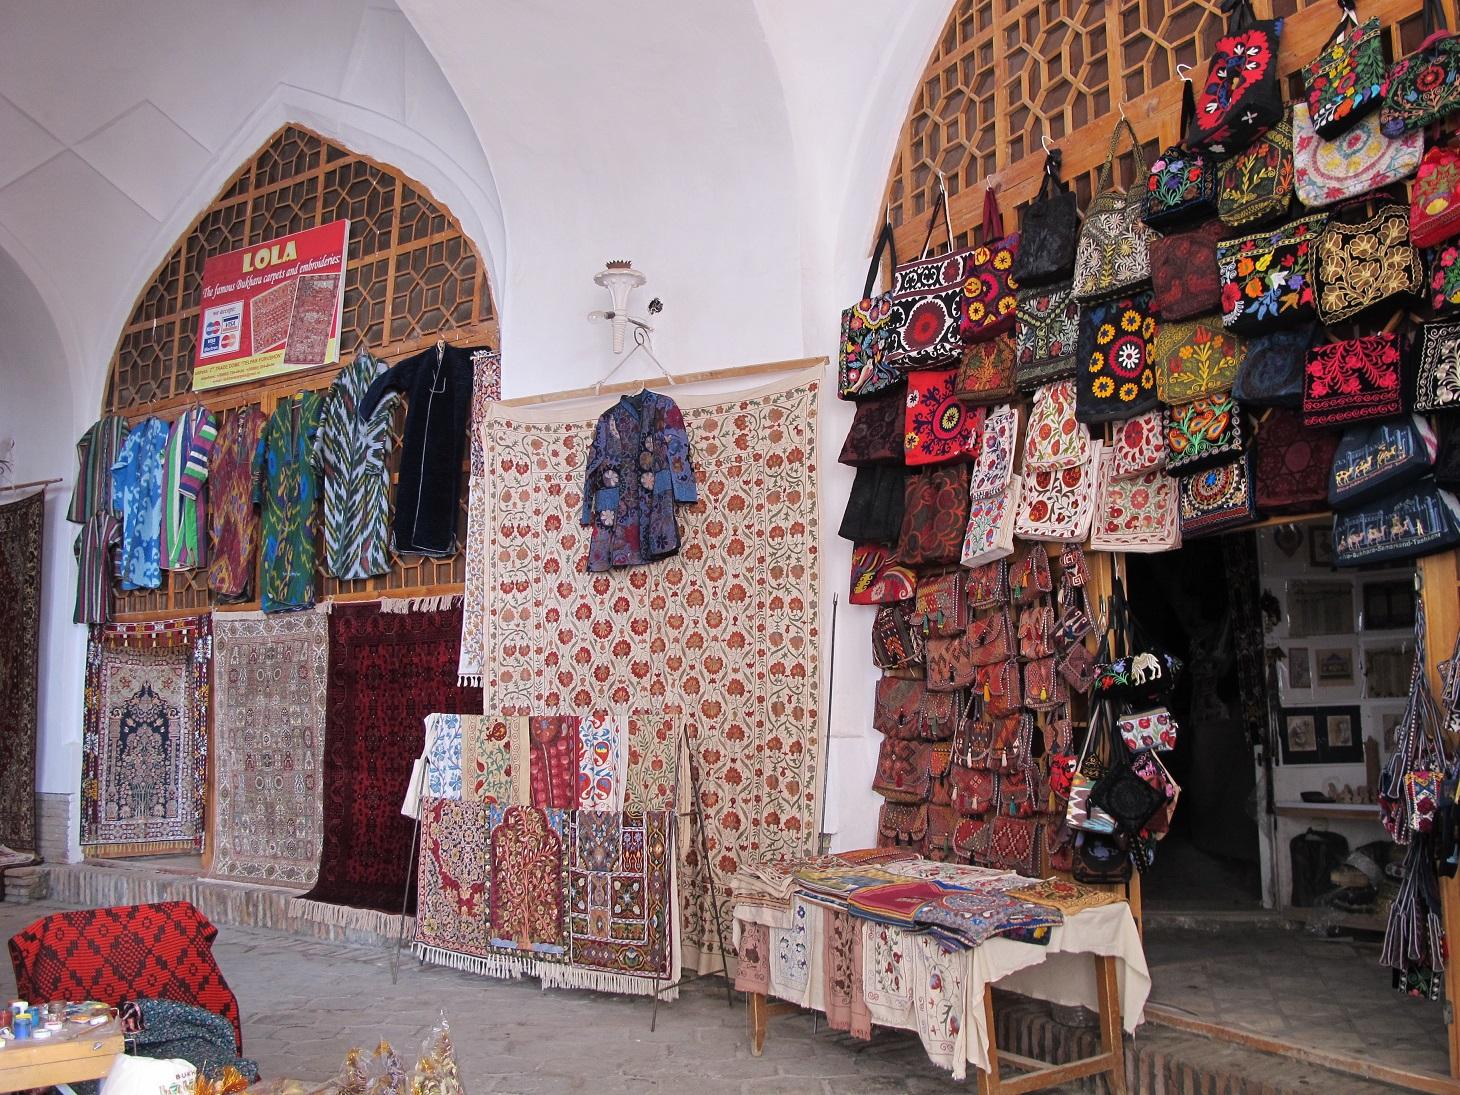 Taki Sarrafon bazar